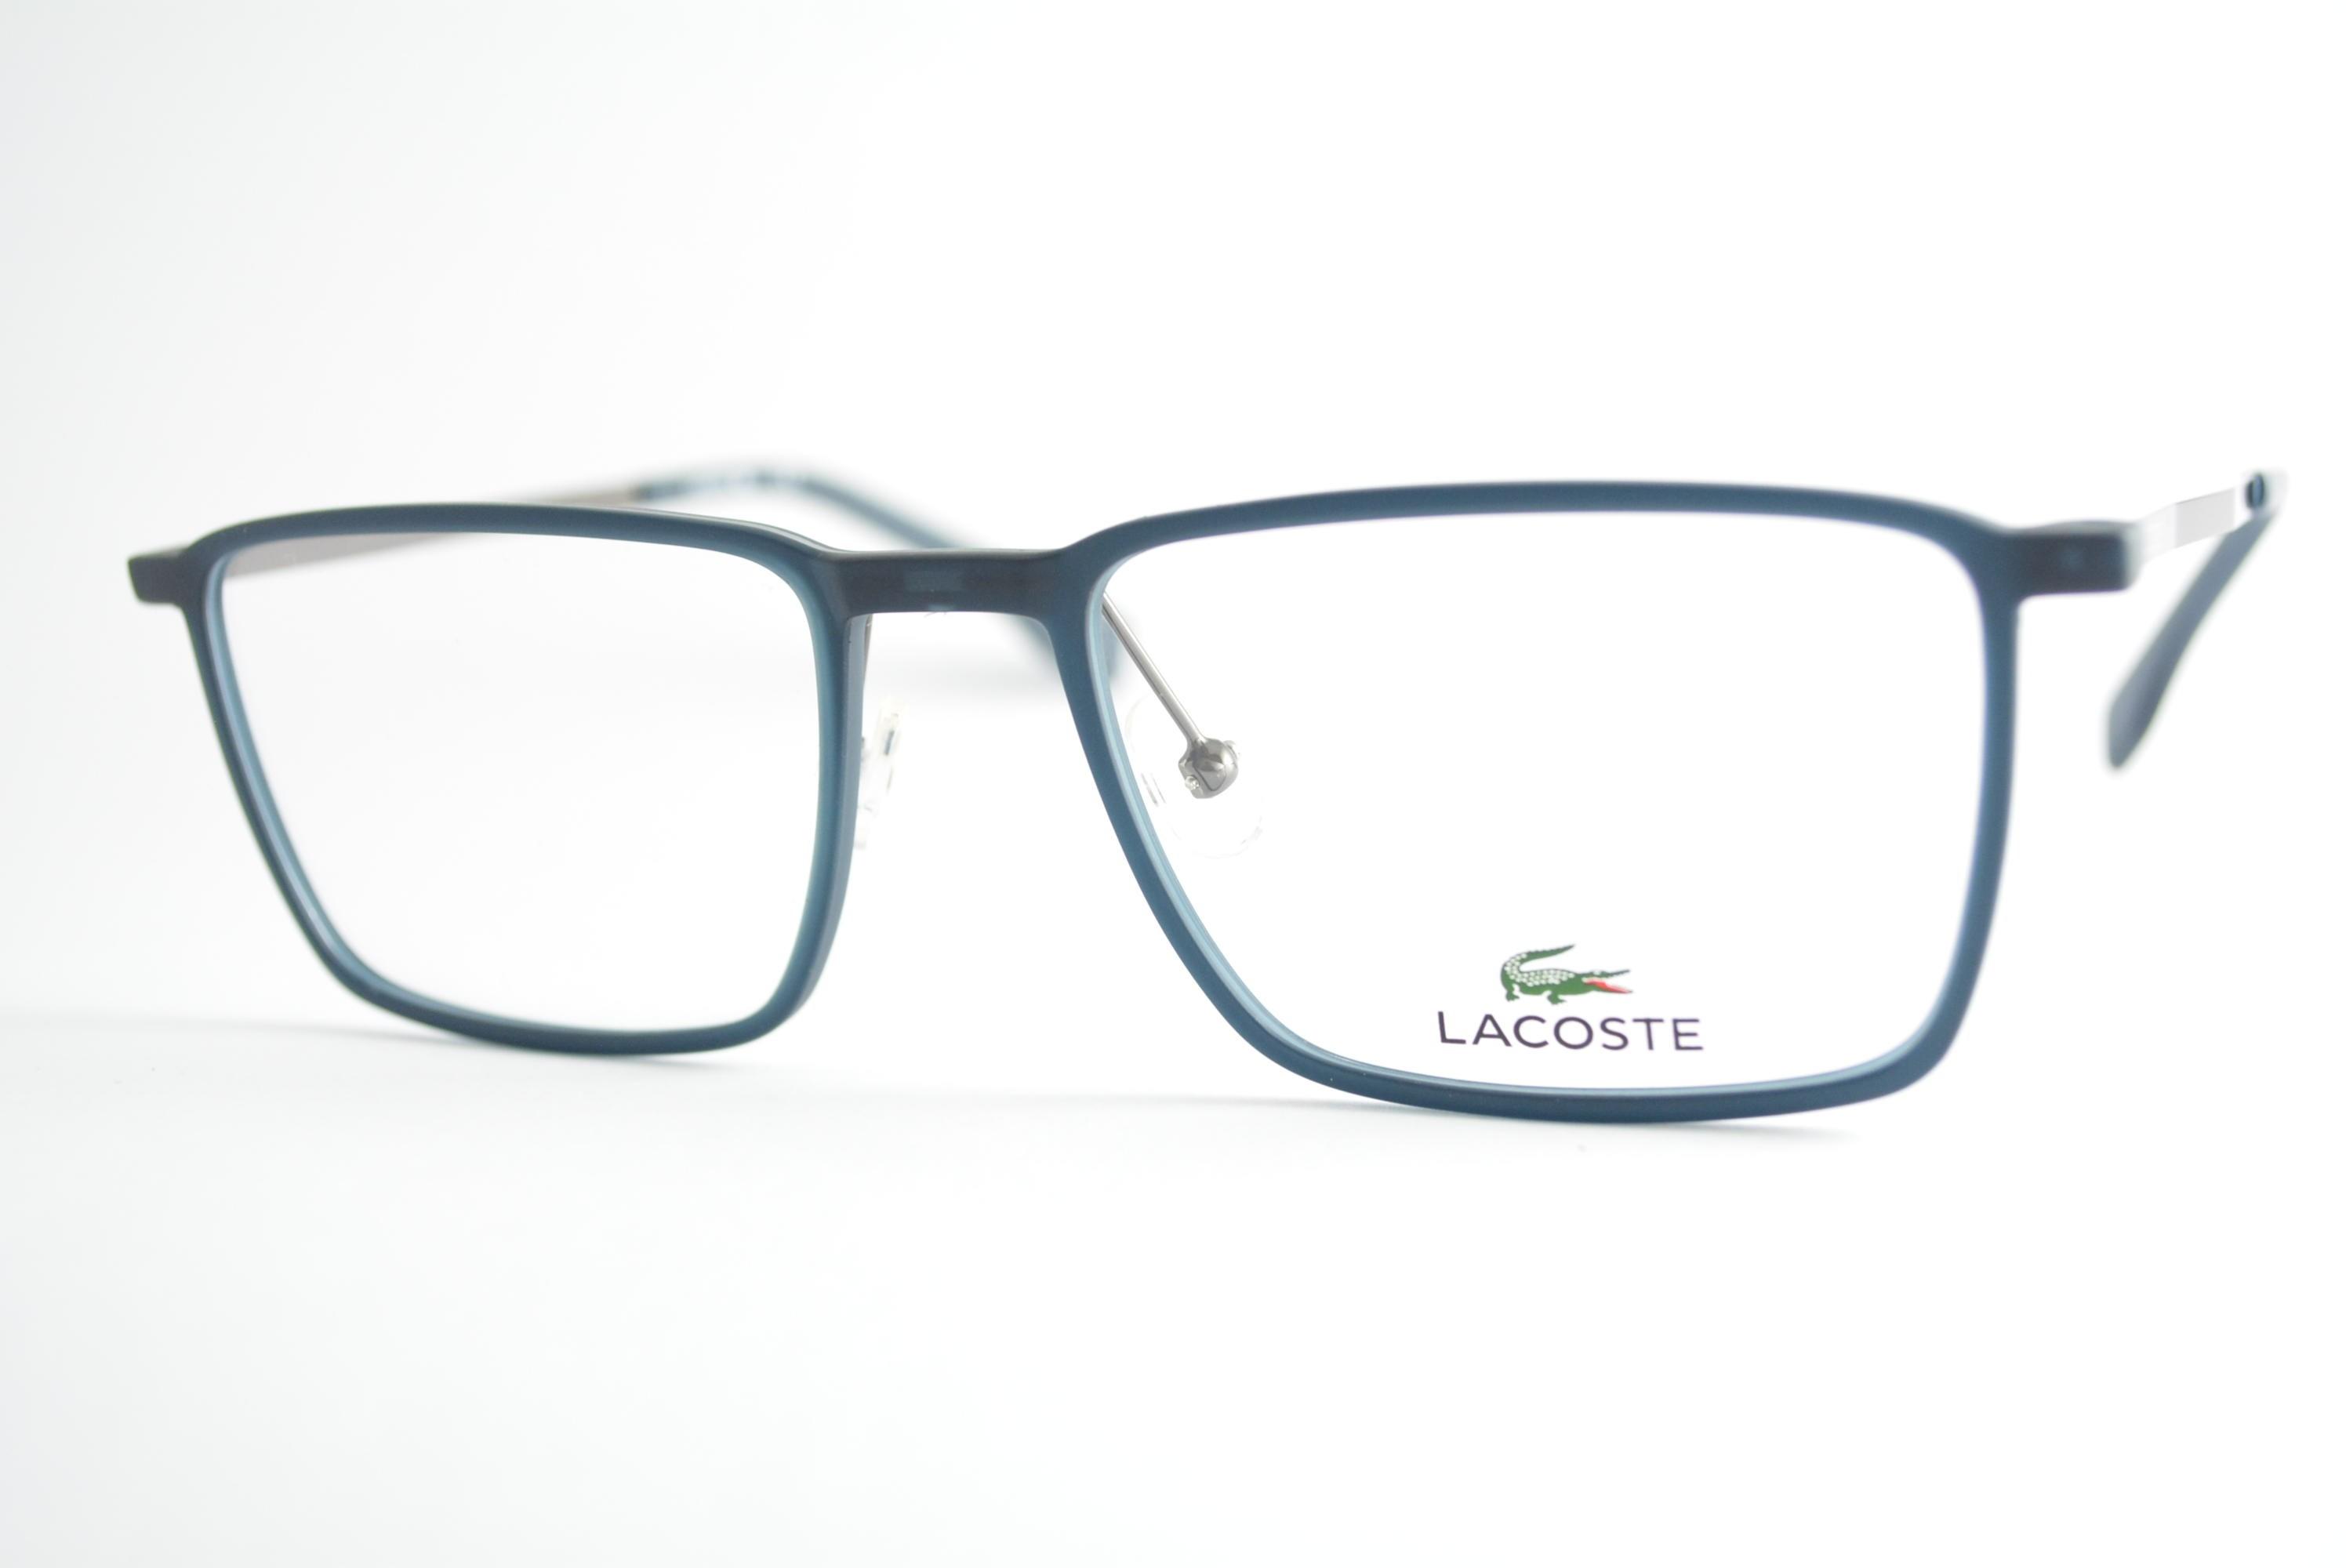 armação de óculos Lacoste mod L2814 424 Ótica Cardoso 0073492db5